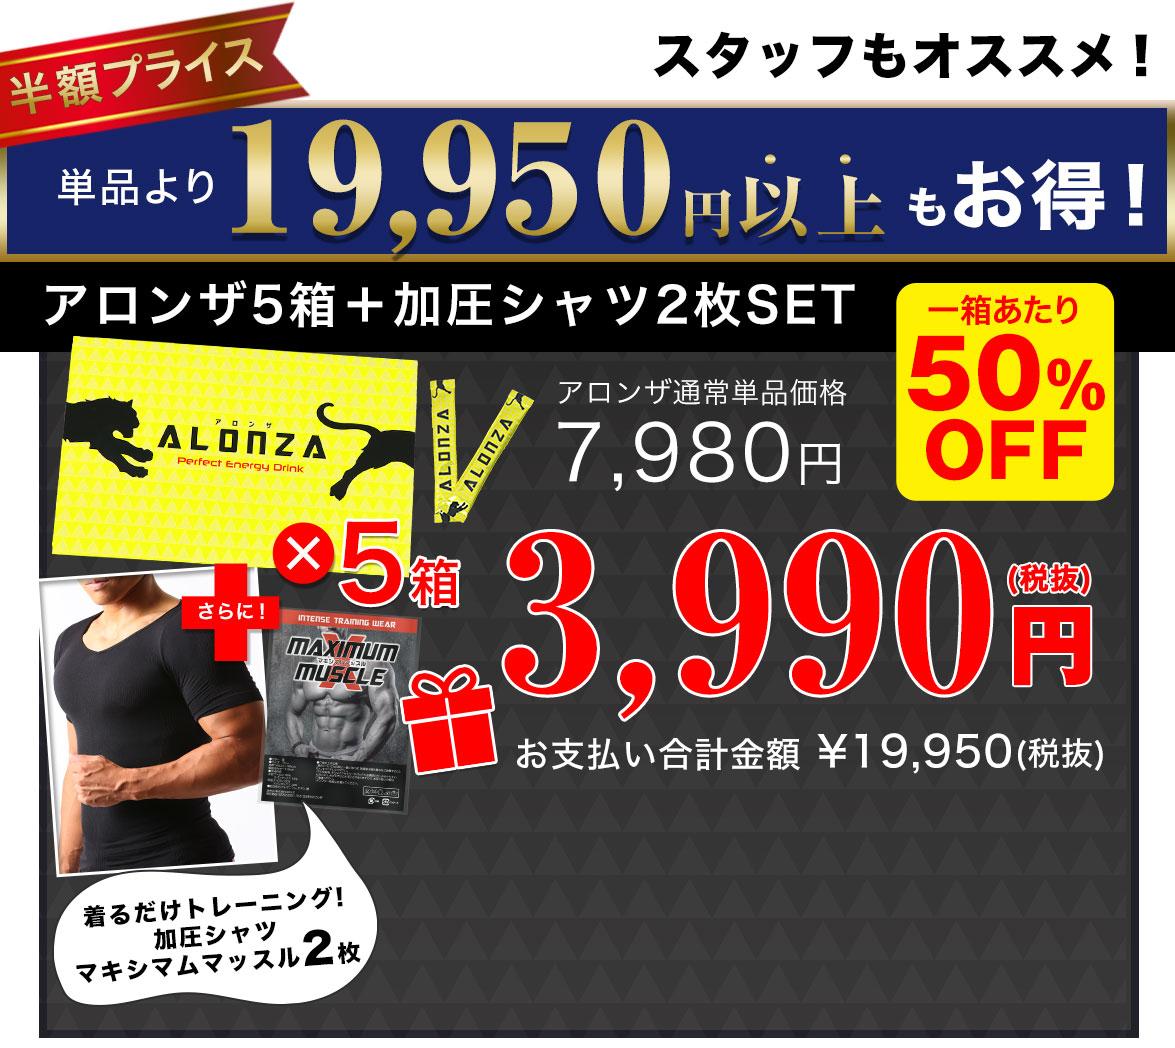 スタッフもオススメ! 19950円以上もお得!アロンザ5箱x加圧シャツ2枚セット50%OFF